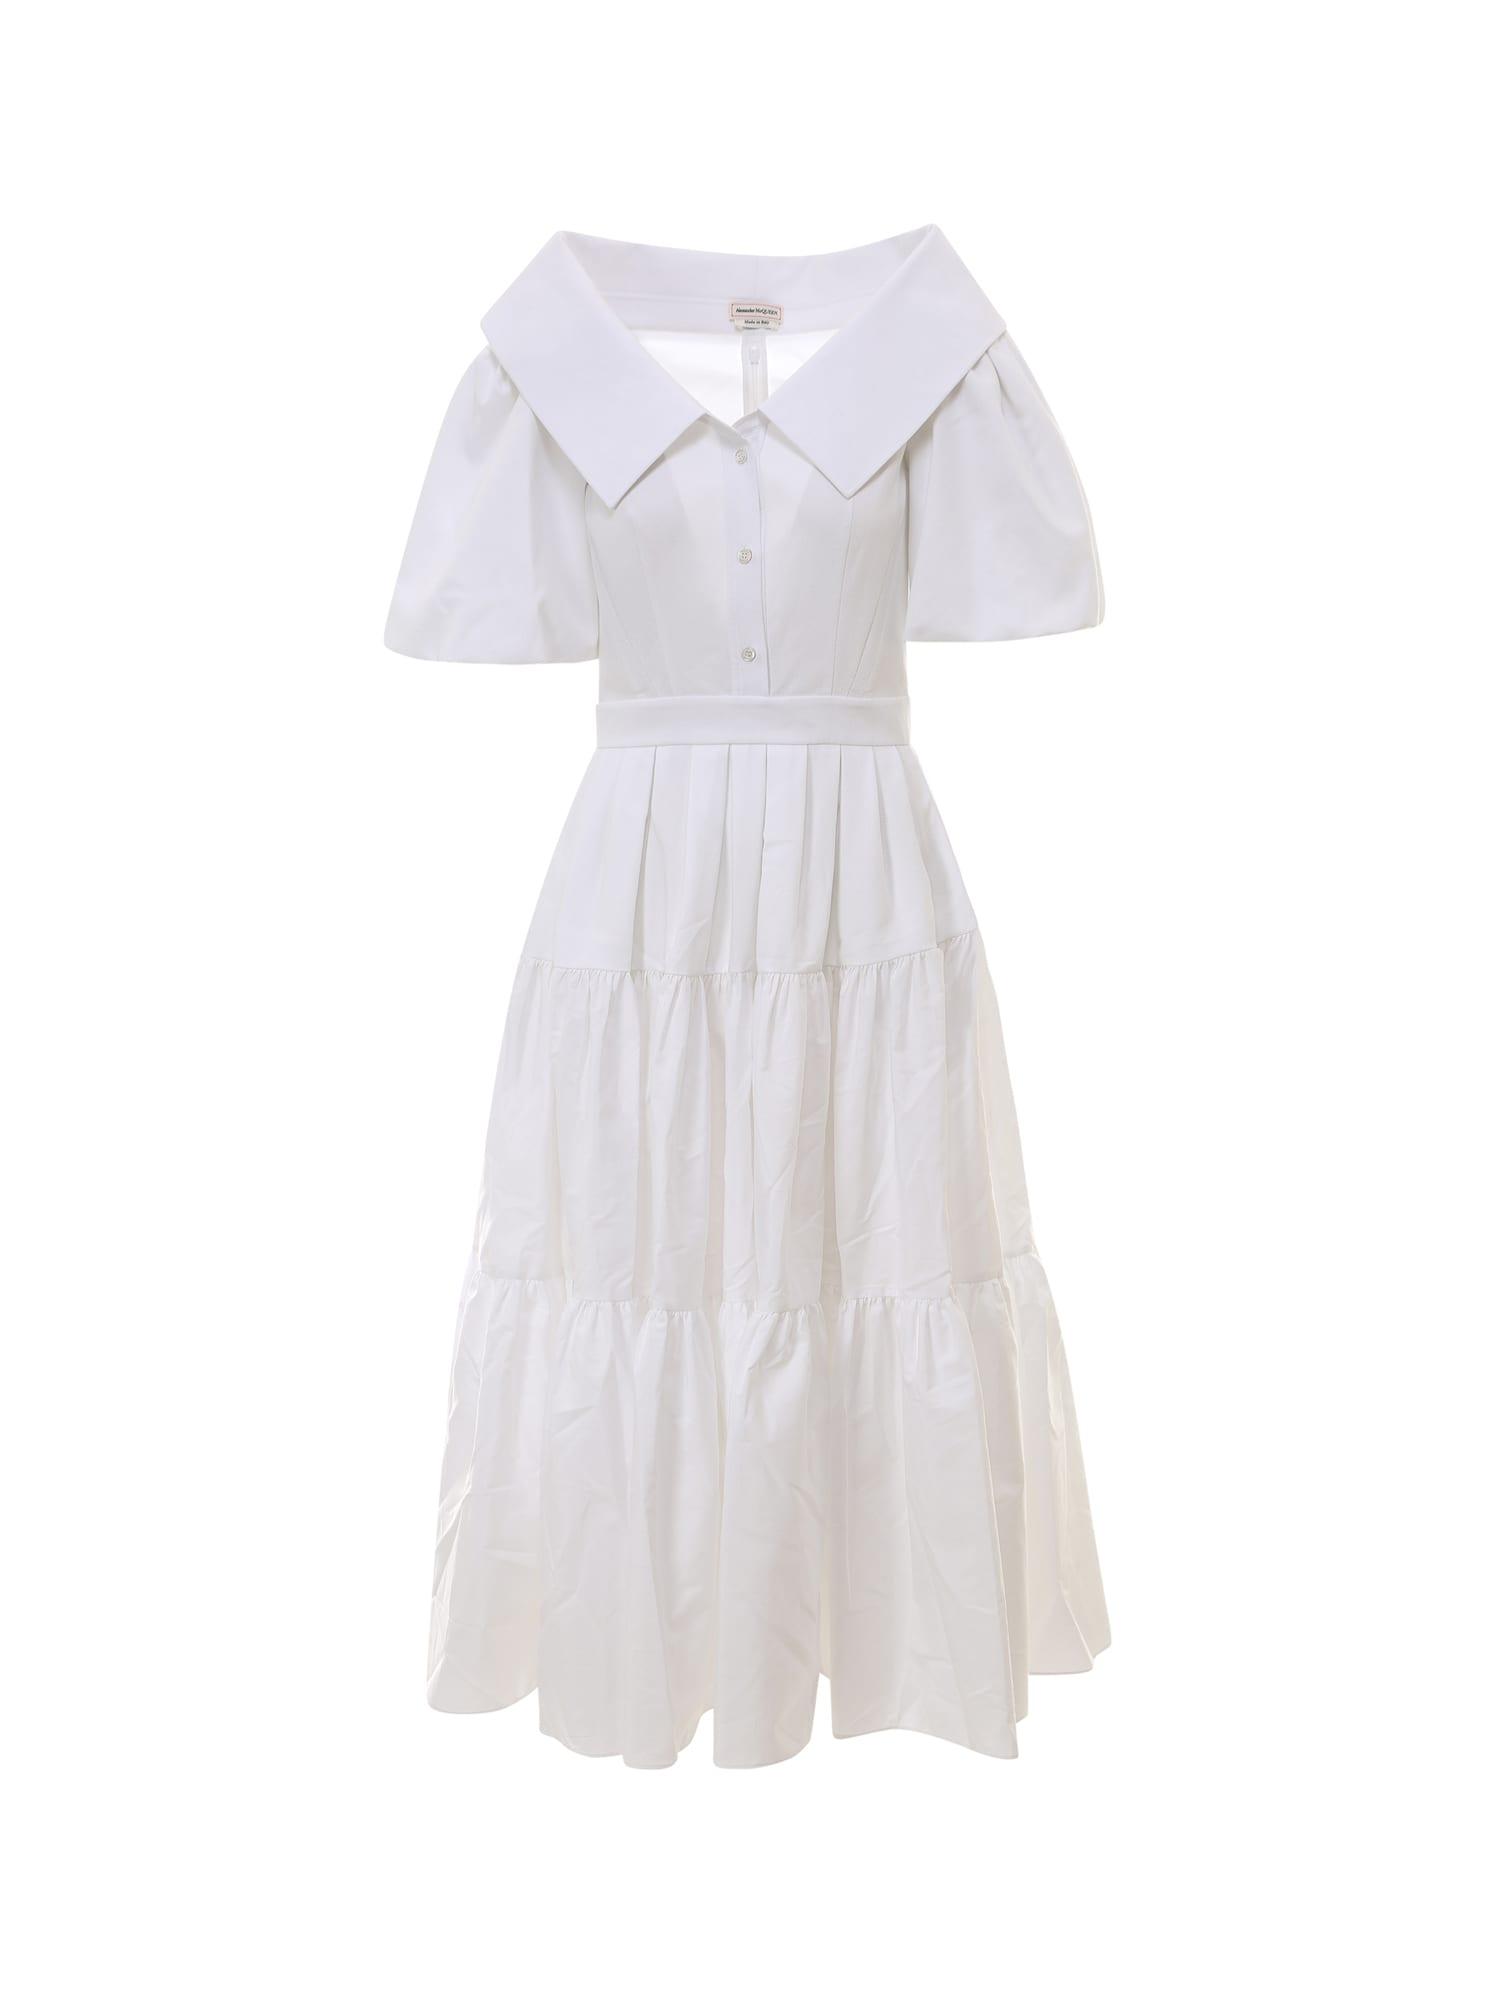 Alexander Mcqueen Cottons DRESS